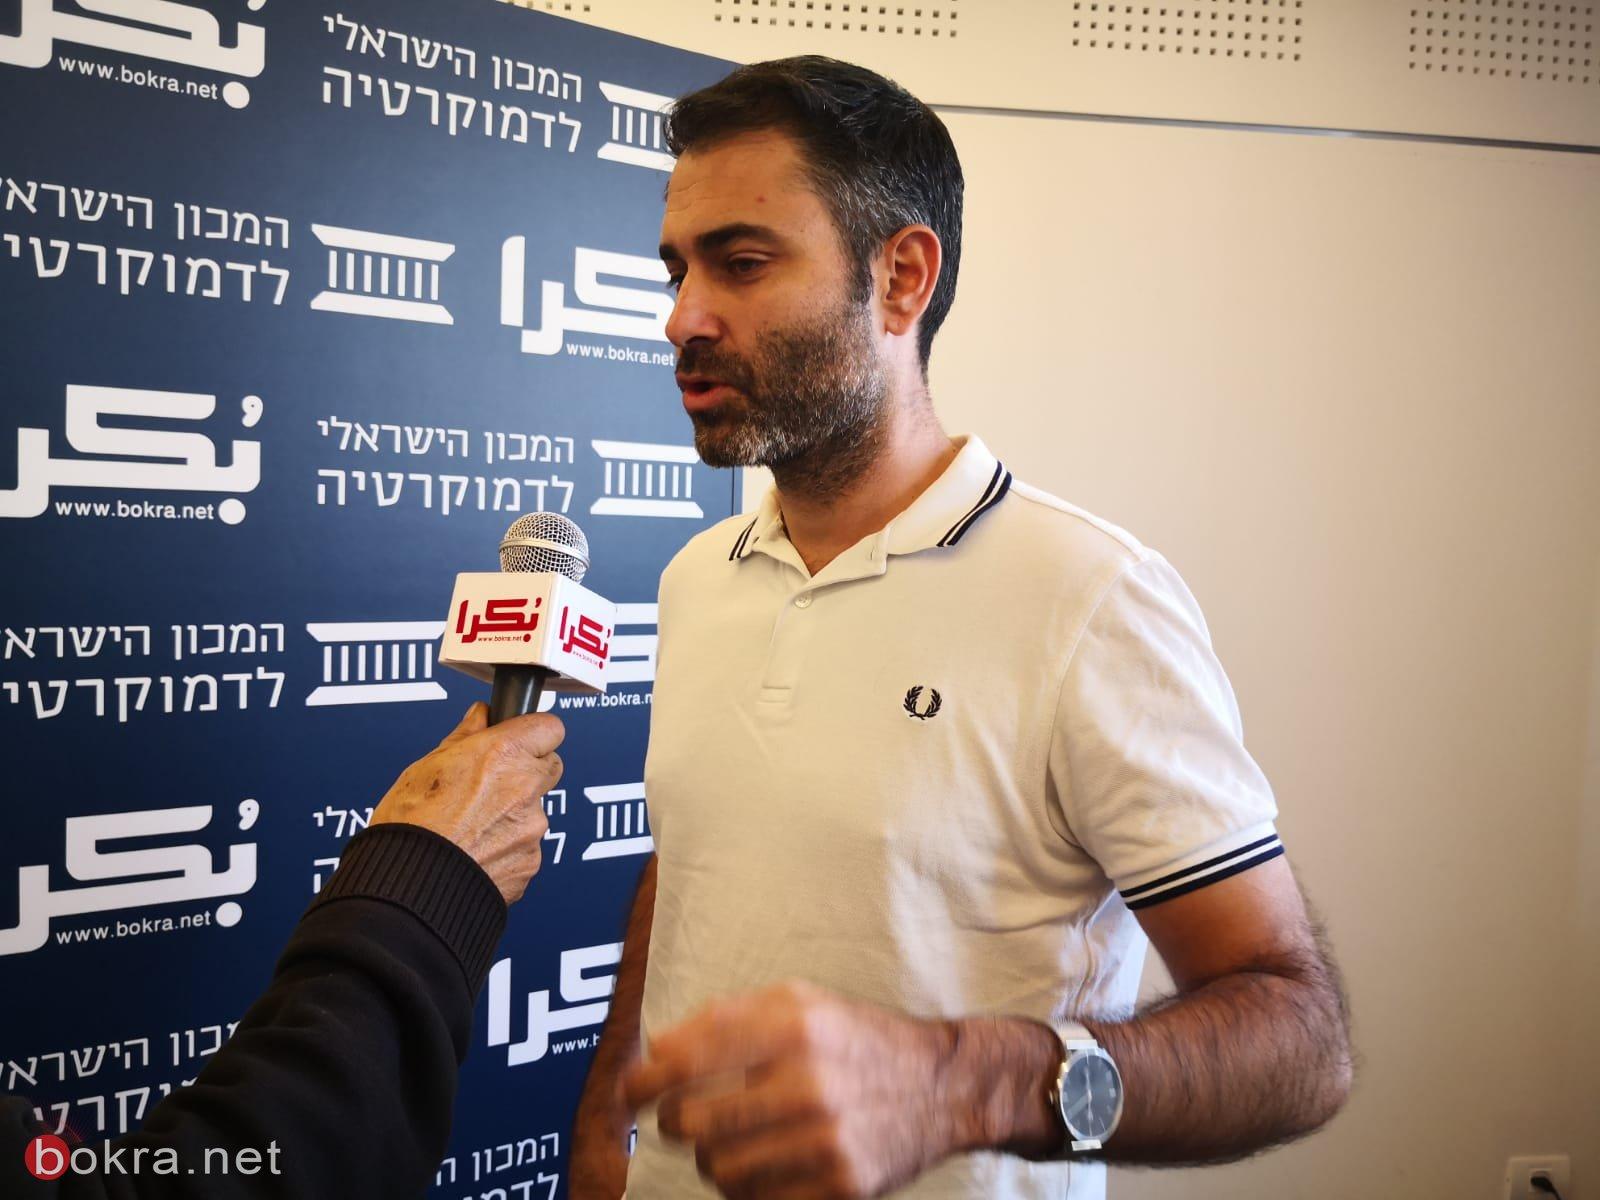 العنف في المجتمع العربي، أسبابه، والحلول لمكافحته؟ .. يوم دراسي في الناصرة-30